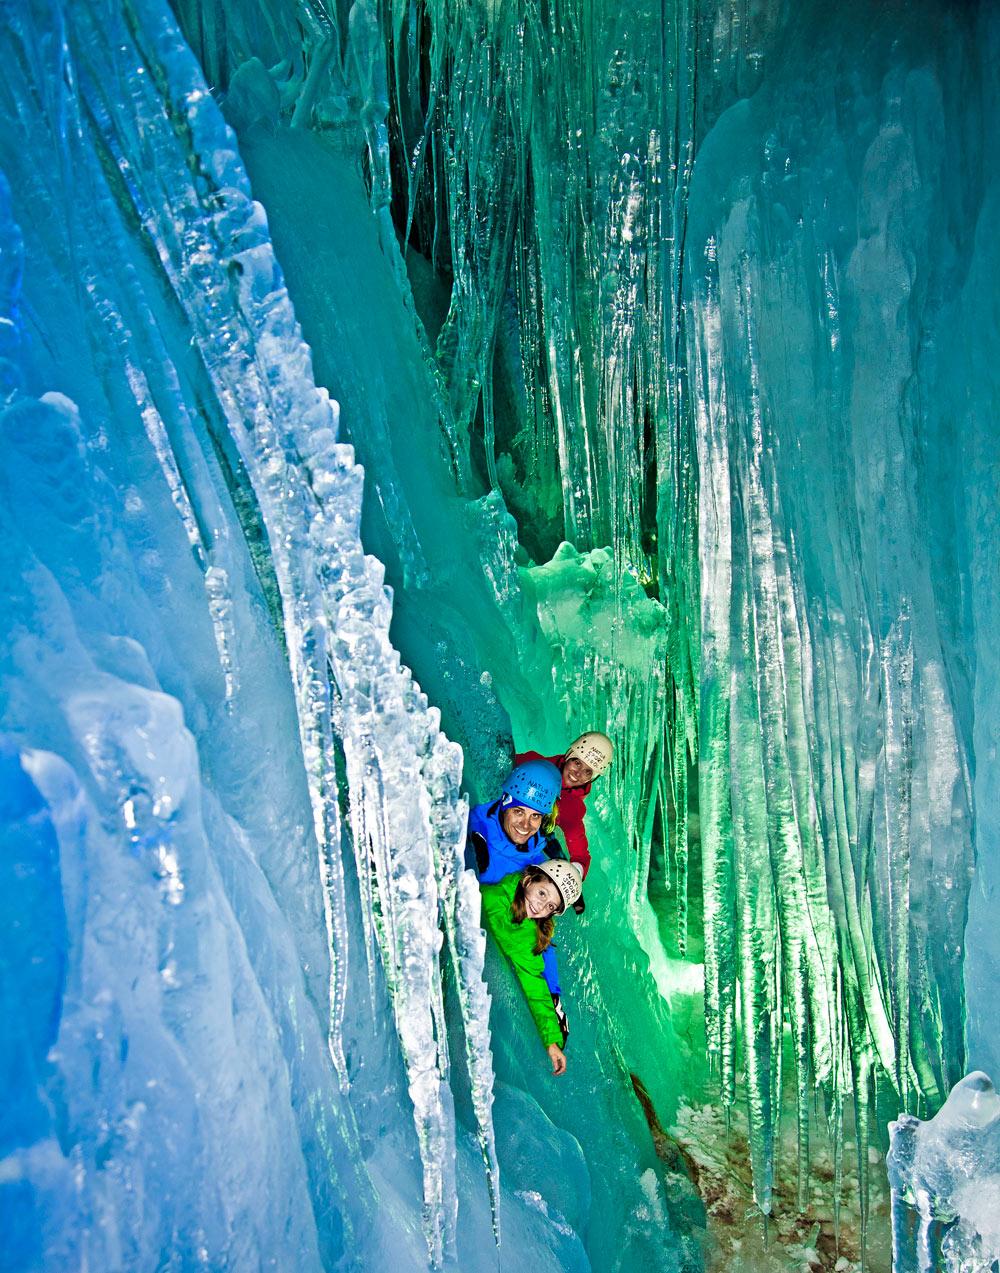 Familie erkundet die Stalaktiten im Inneren des Hintertuxer Gletschers